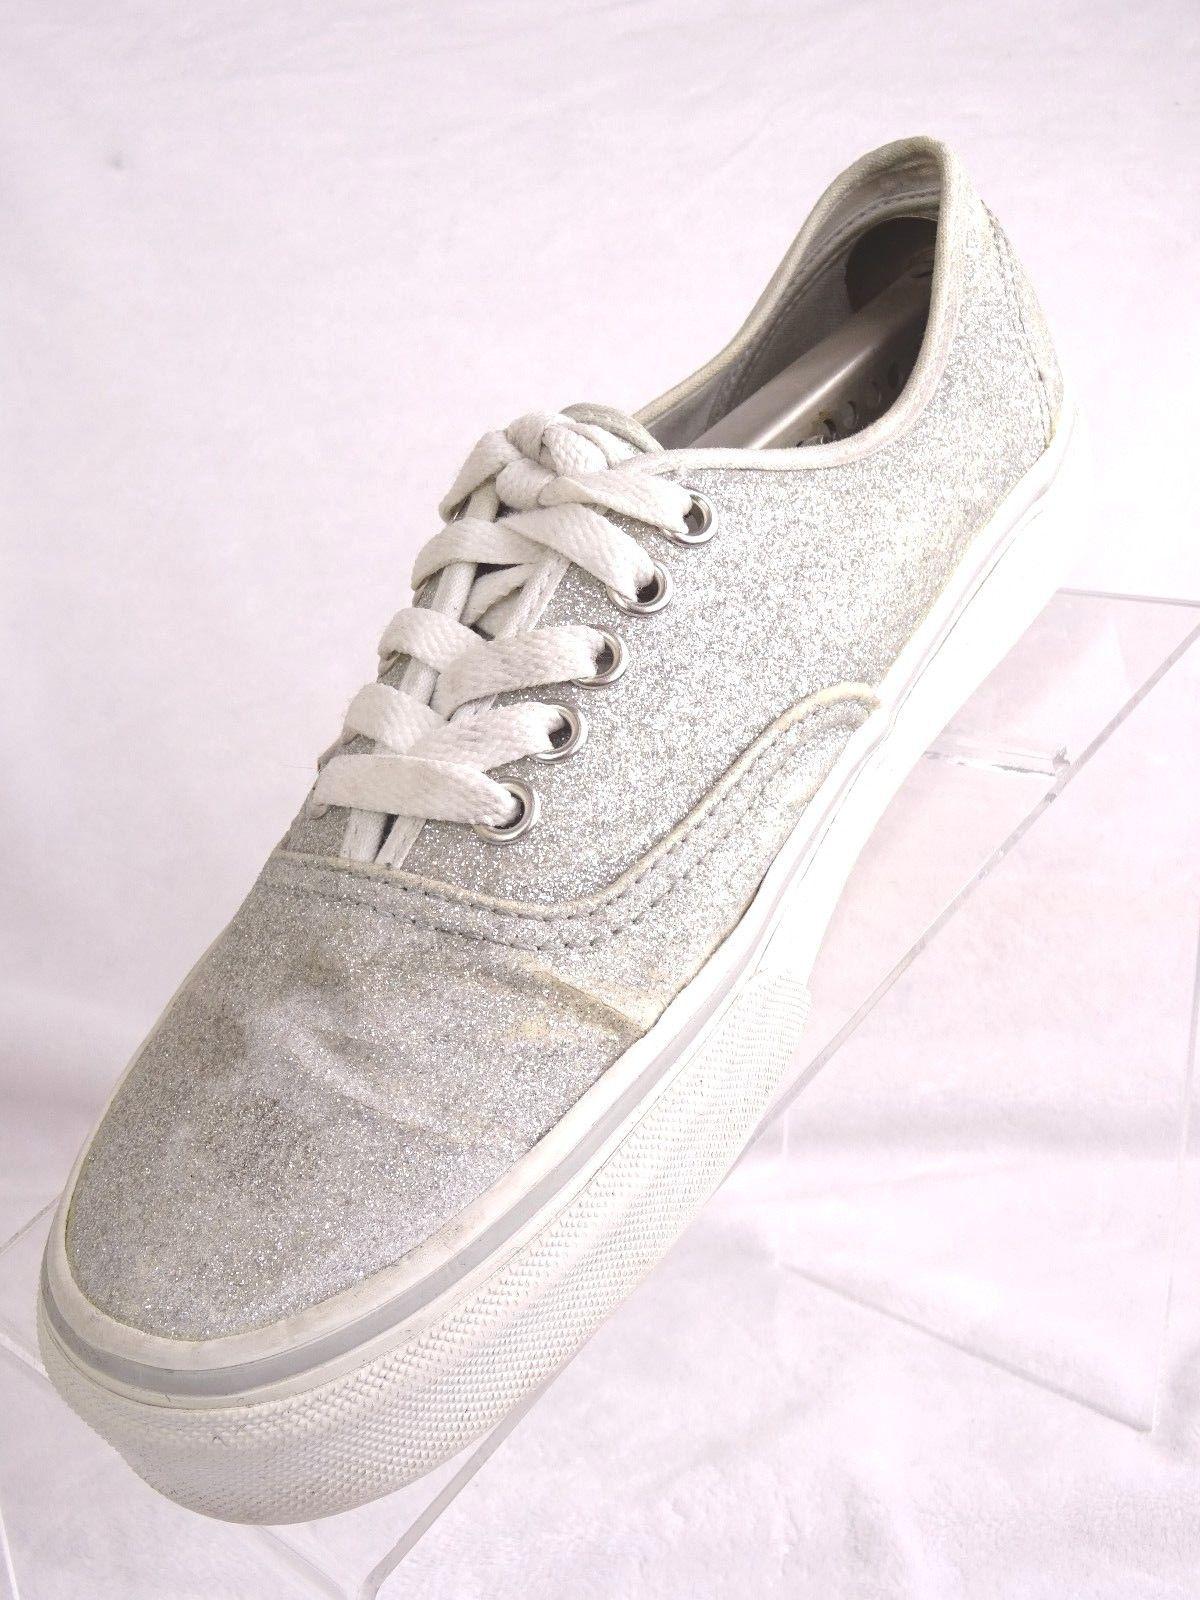 Vans Old School Authentic T375 Lace Ups Skate Shoes Size